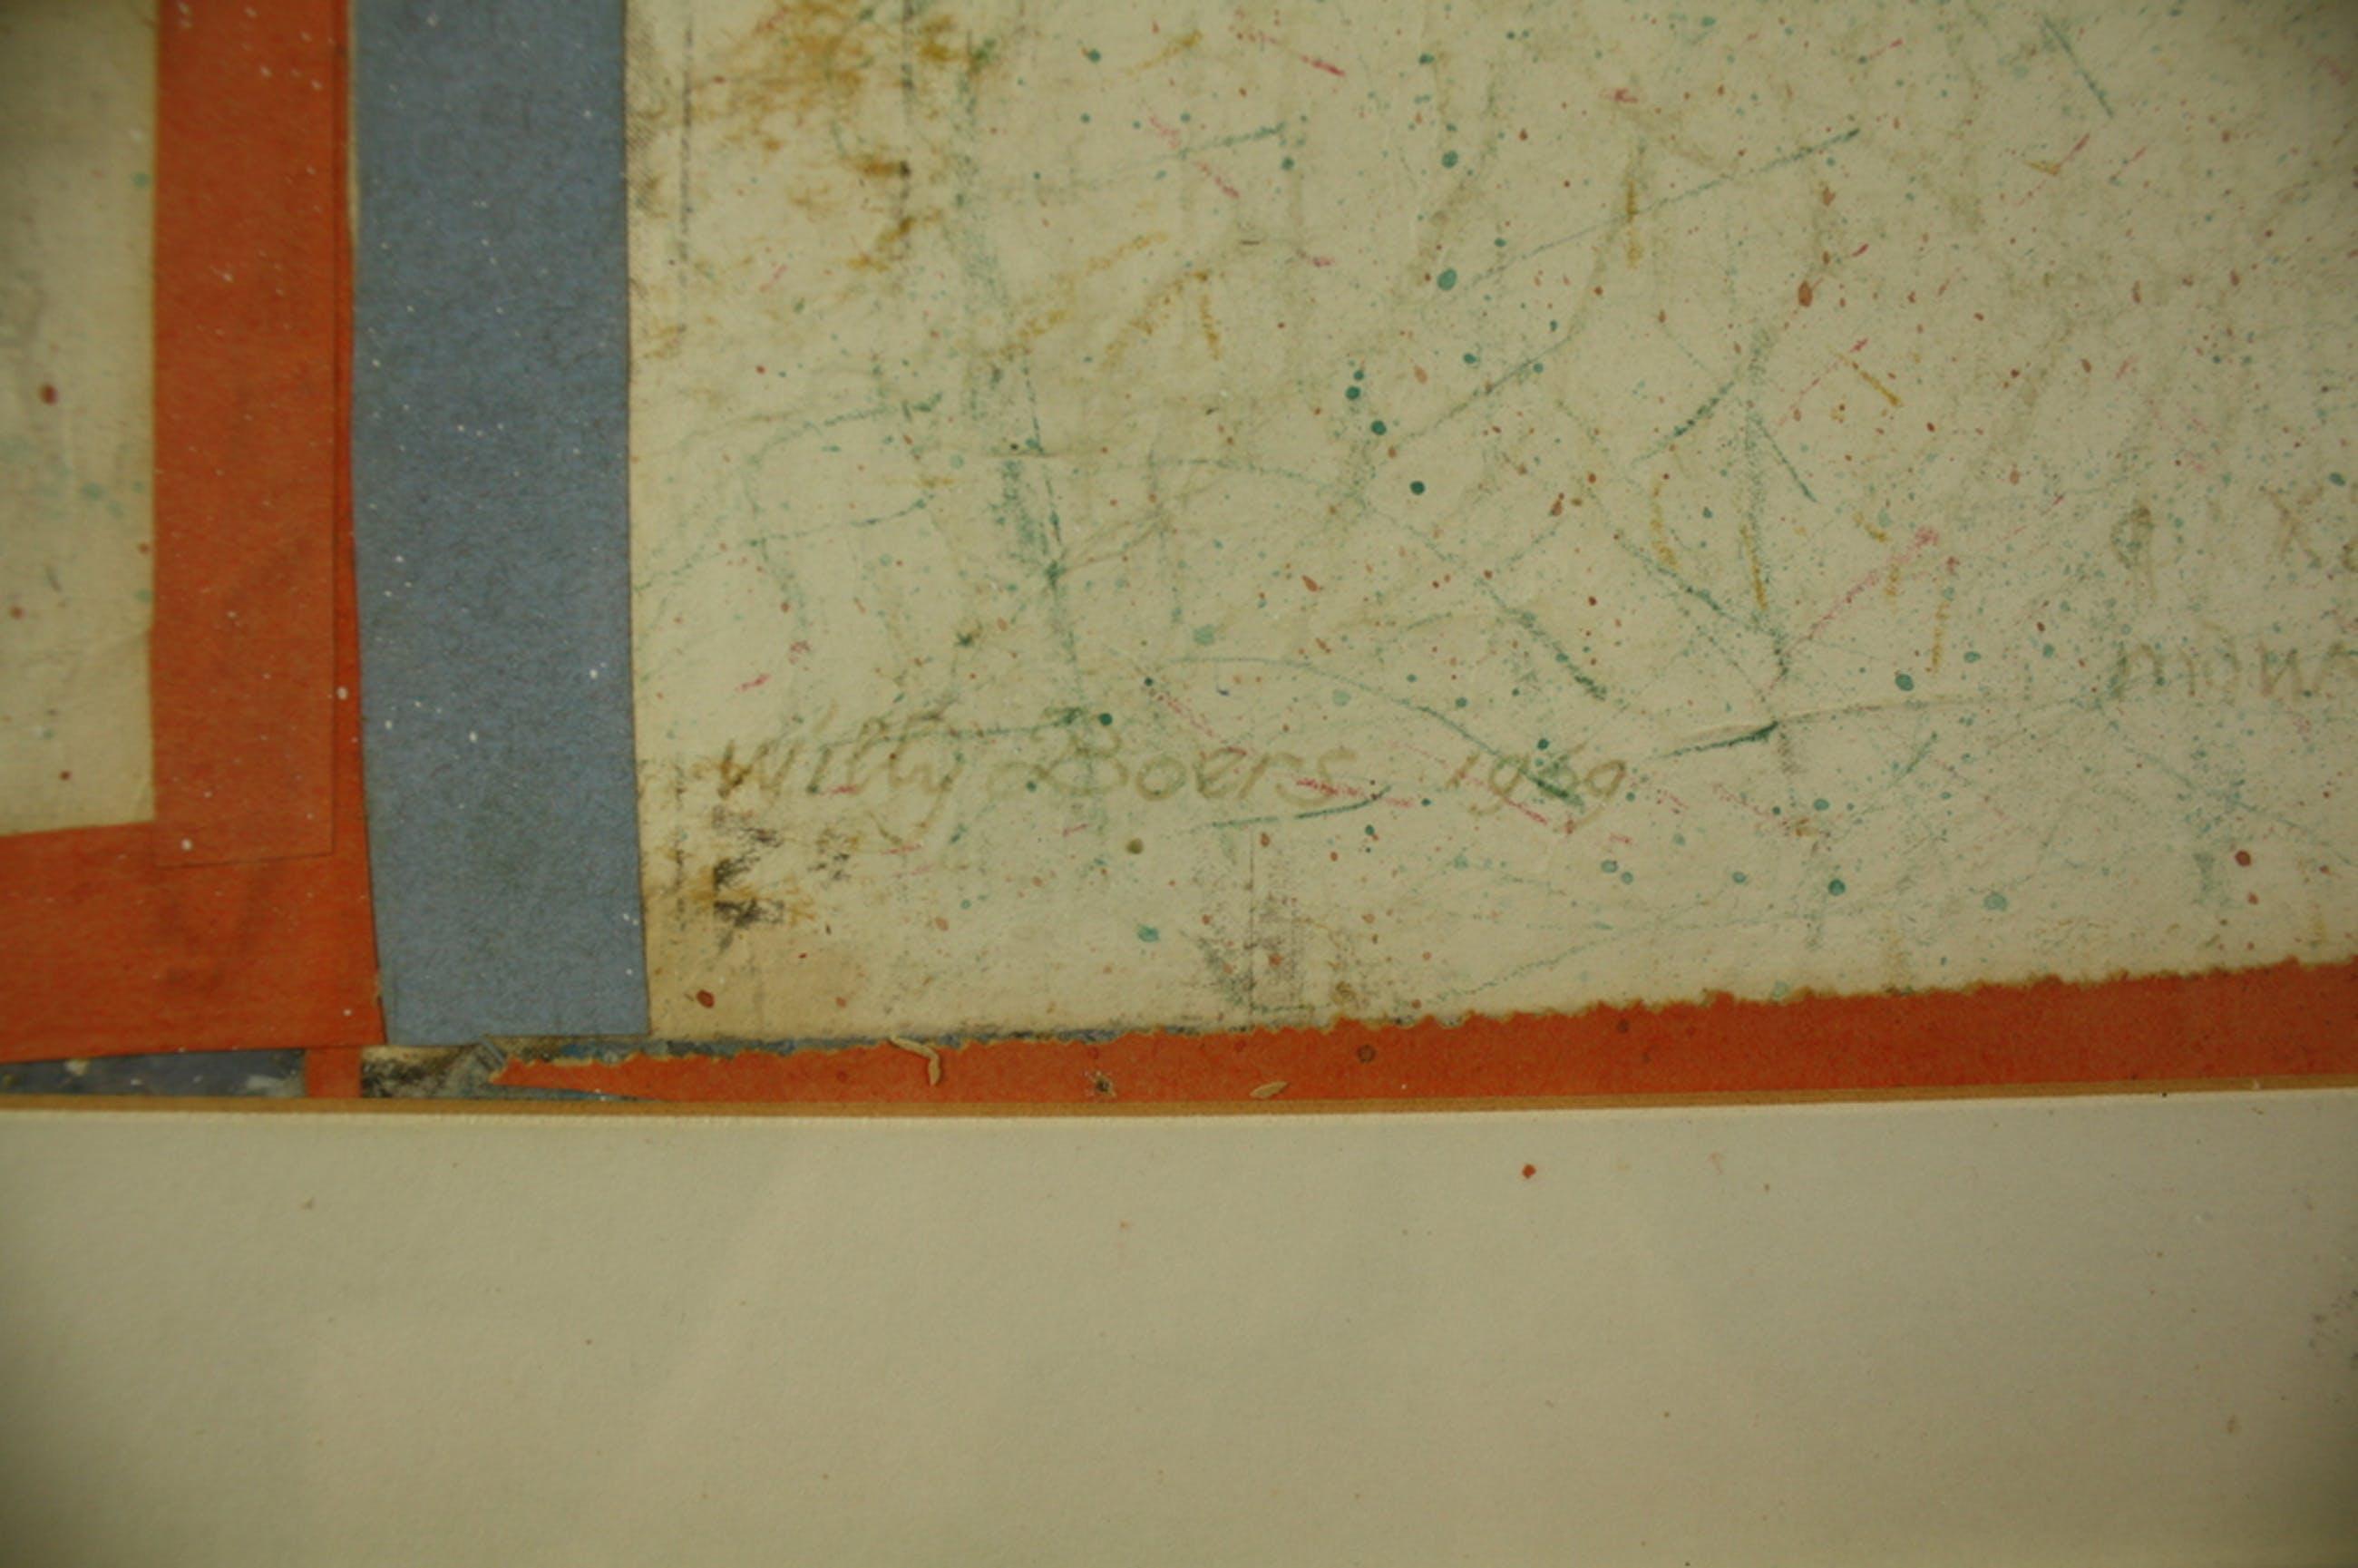 Willy Boers, collage, 'Herinnering aan gisteren', 1969 kopen? Bied vanaf 1349!